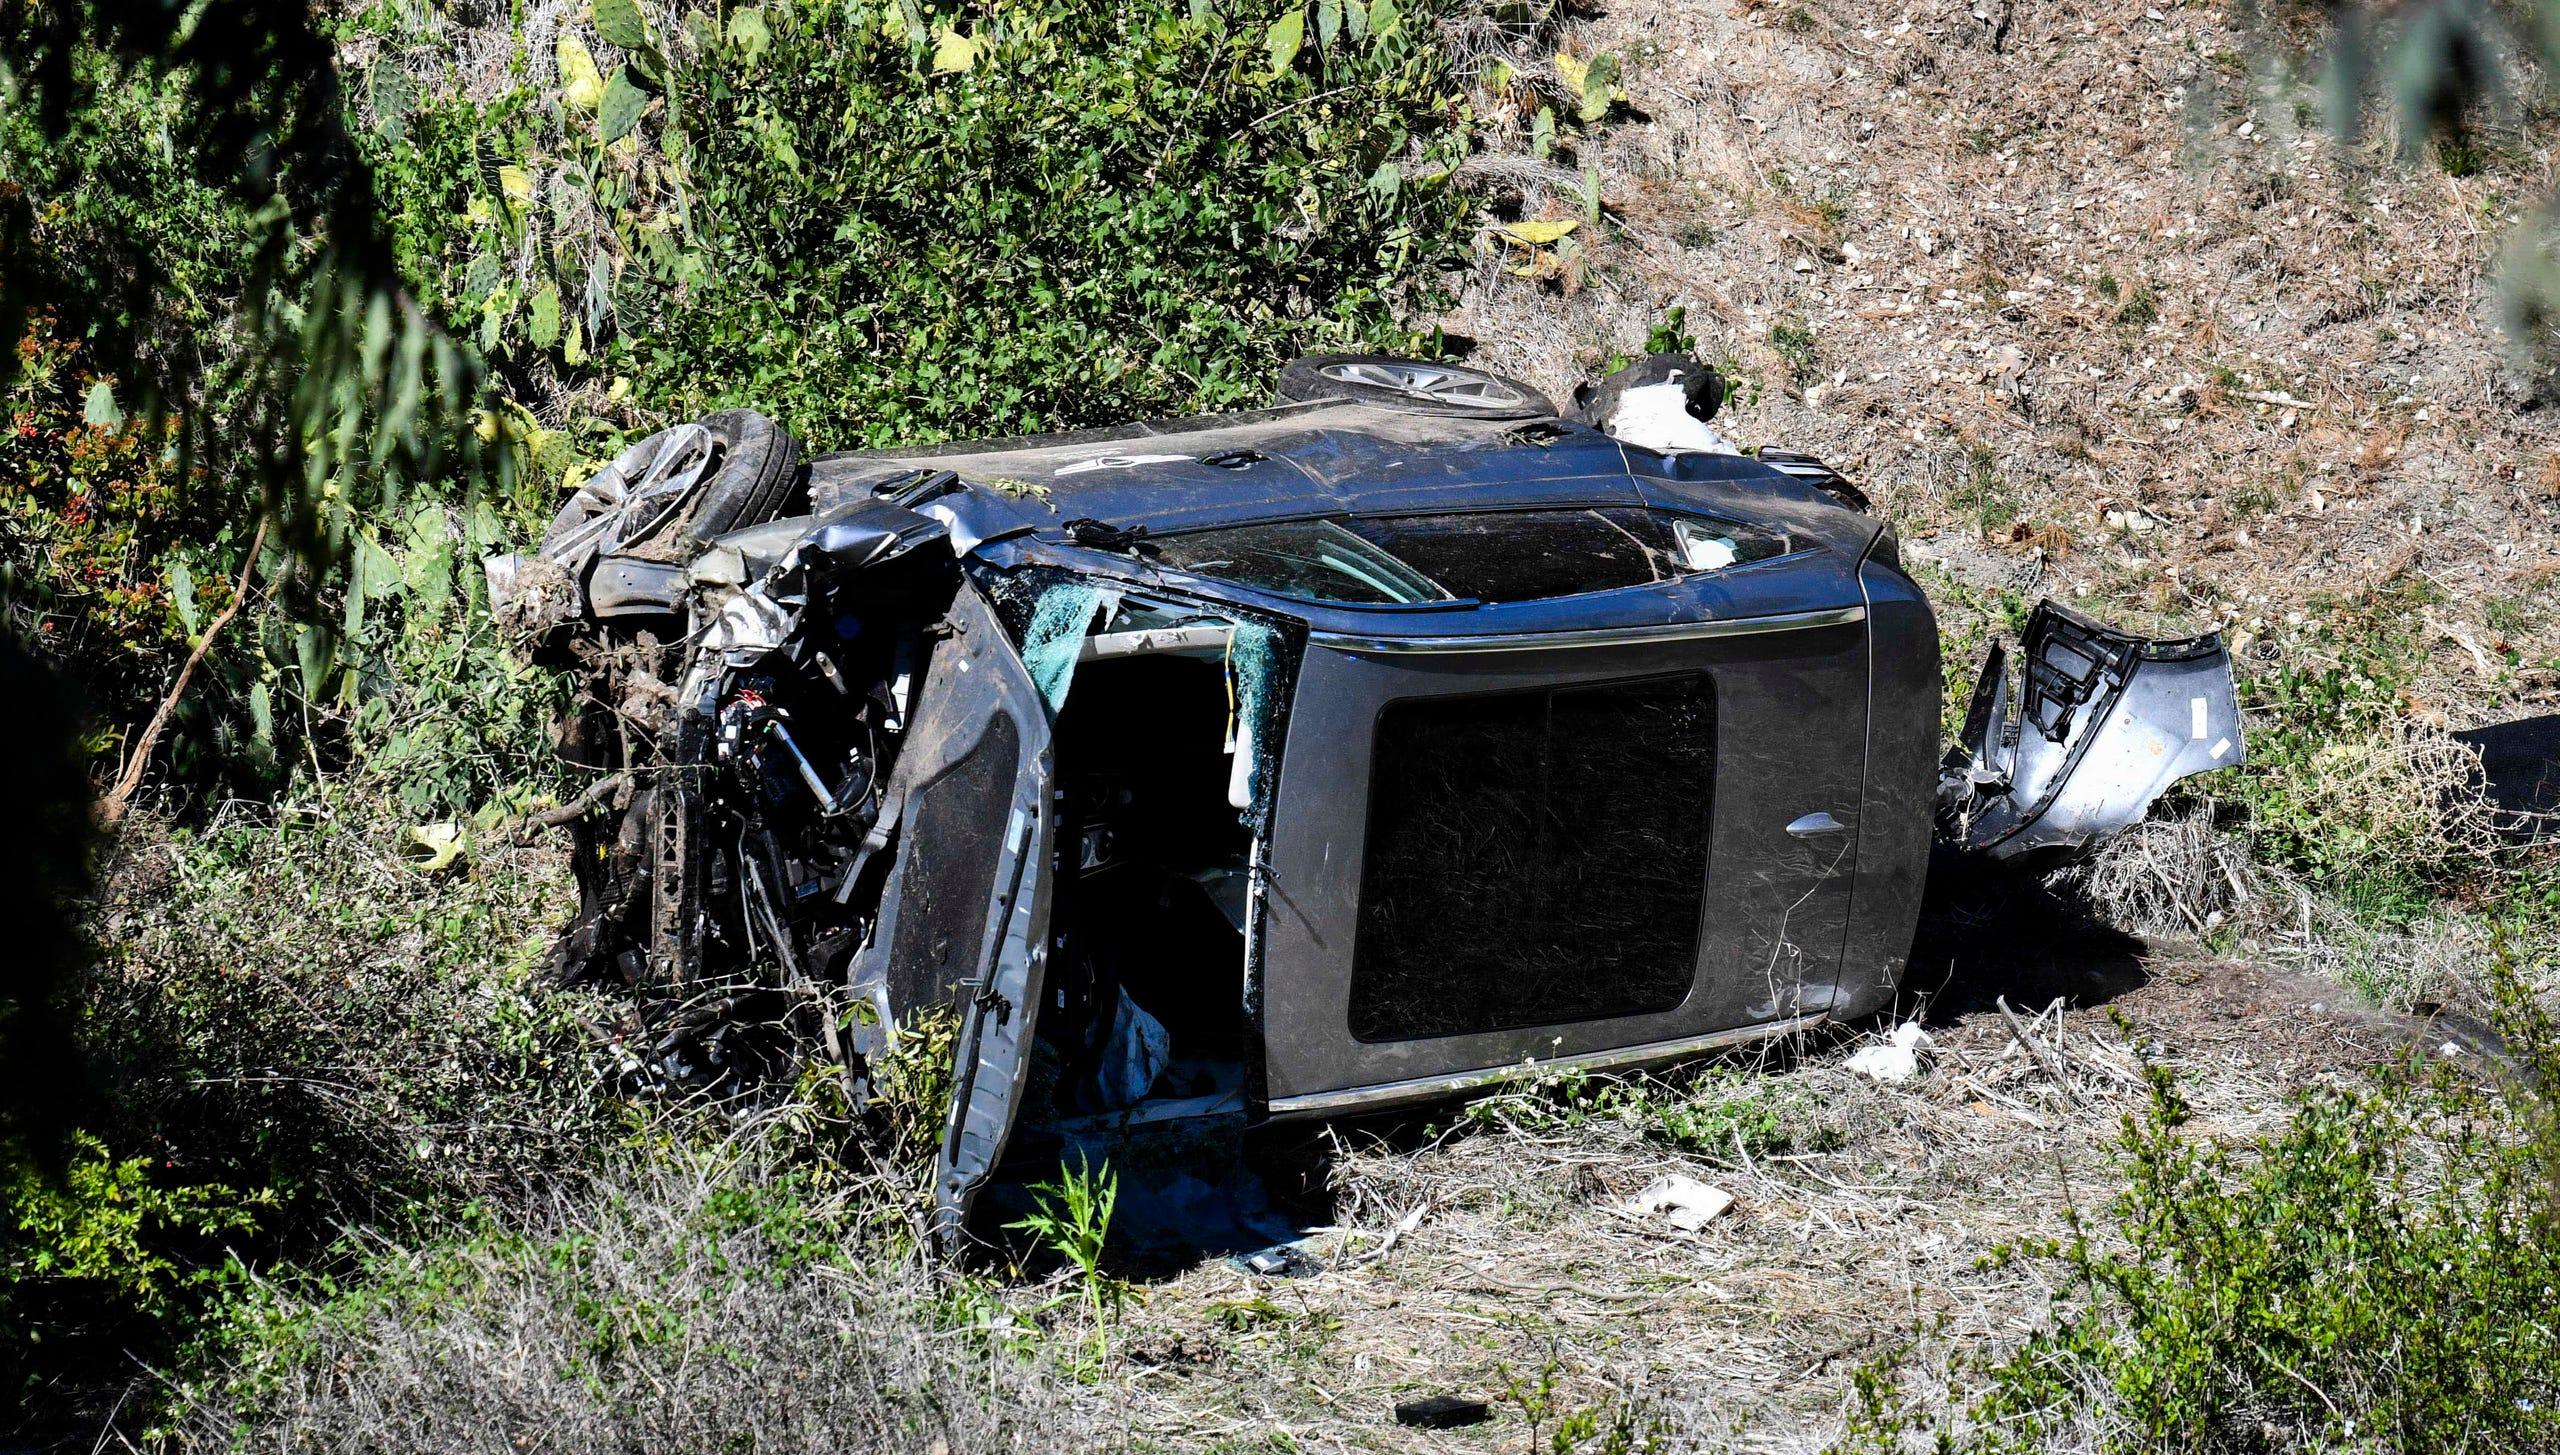 Pojazd Tigera Woodsa po tym, jak brał udział w przewróceniu się pojazdu w Rancho Palos Verdes w Kalifornii, 23 lutego.